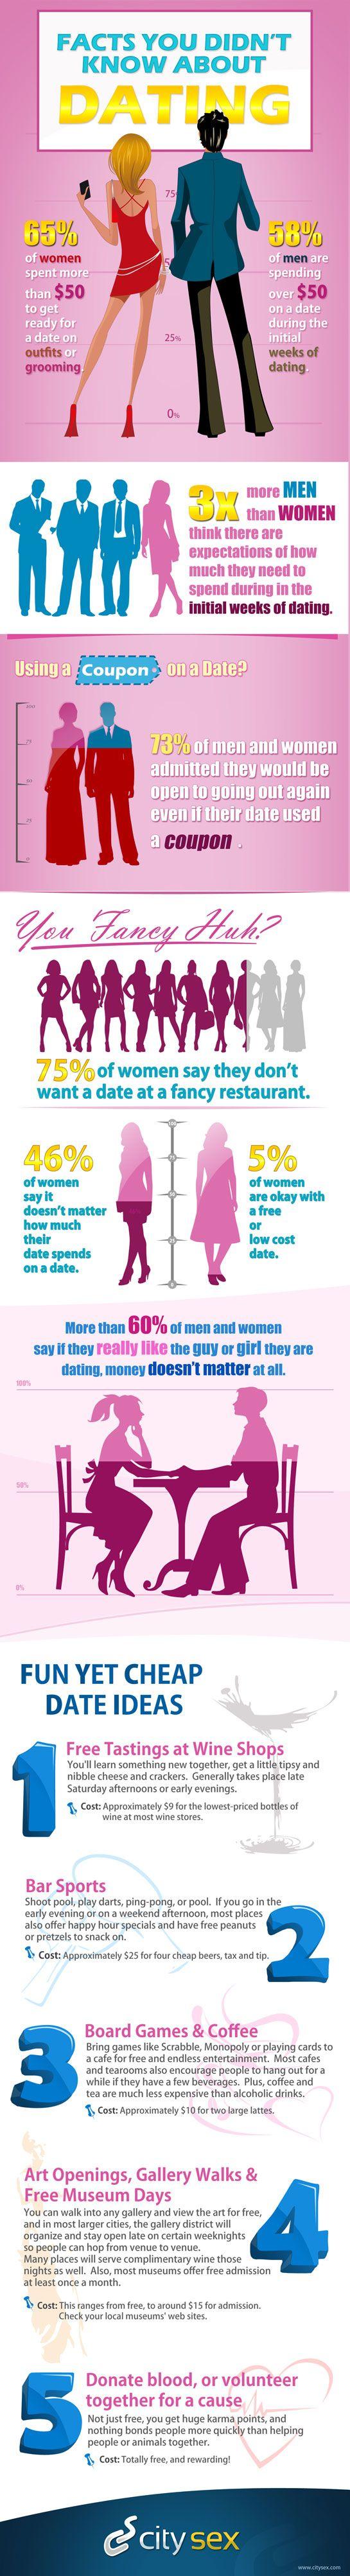 75% des femmes ne veulent pas d'un rendez-vous dans un restaurant chic. 46% des femmes disent que la somme qu'il dépense n'a pas d'importance, 5% des femmes acceptent un rendez-vous simple, à faible coût. Plus de 60% des hommes